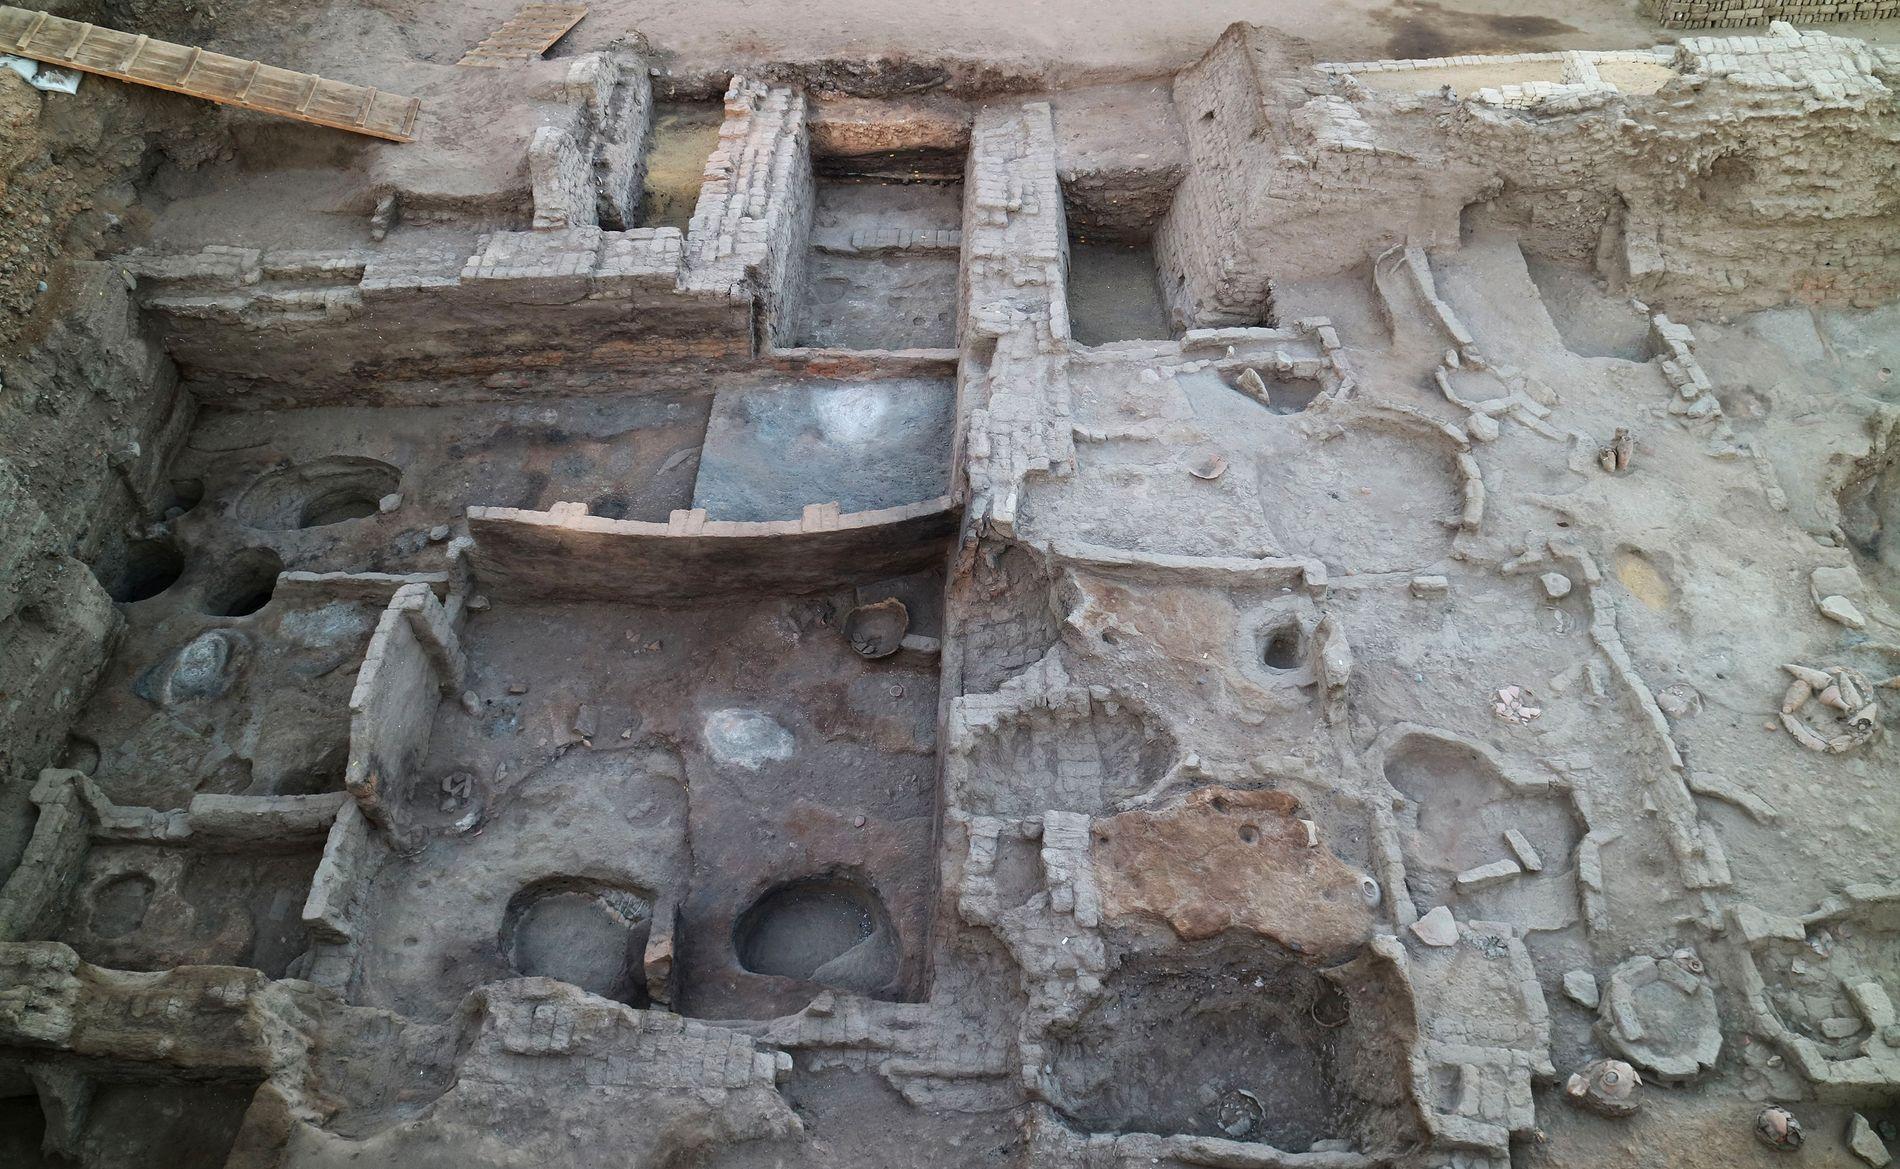 Egyptiske myndigheter delte i dag bilder av funnet som ble gjort før jul, ruinene av to bygninger som ble brukt til å administrerer gruvedrift i det gamle Egypt.